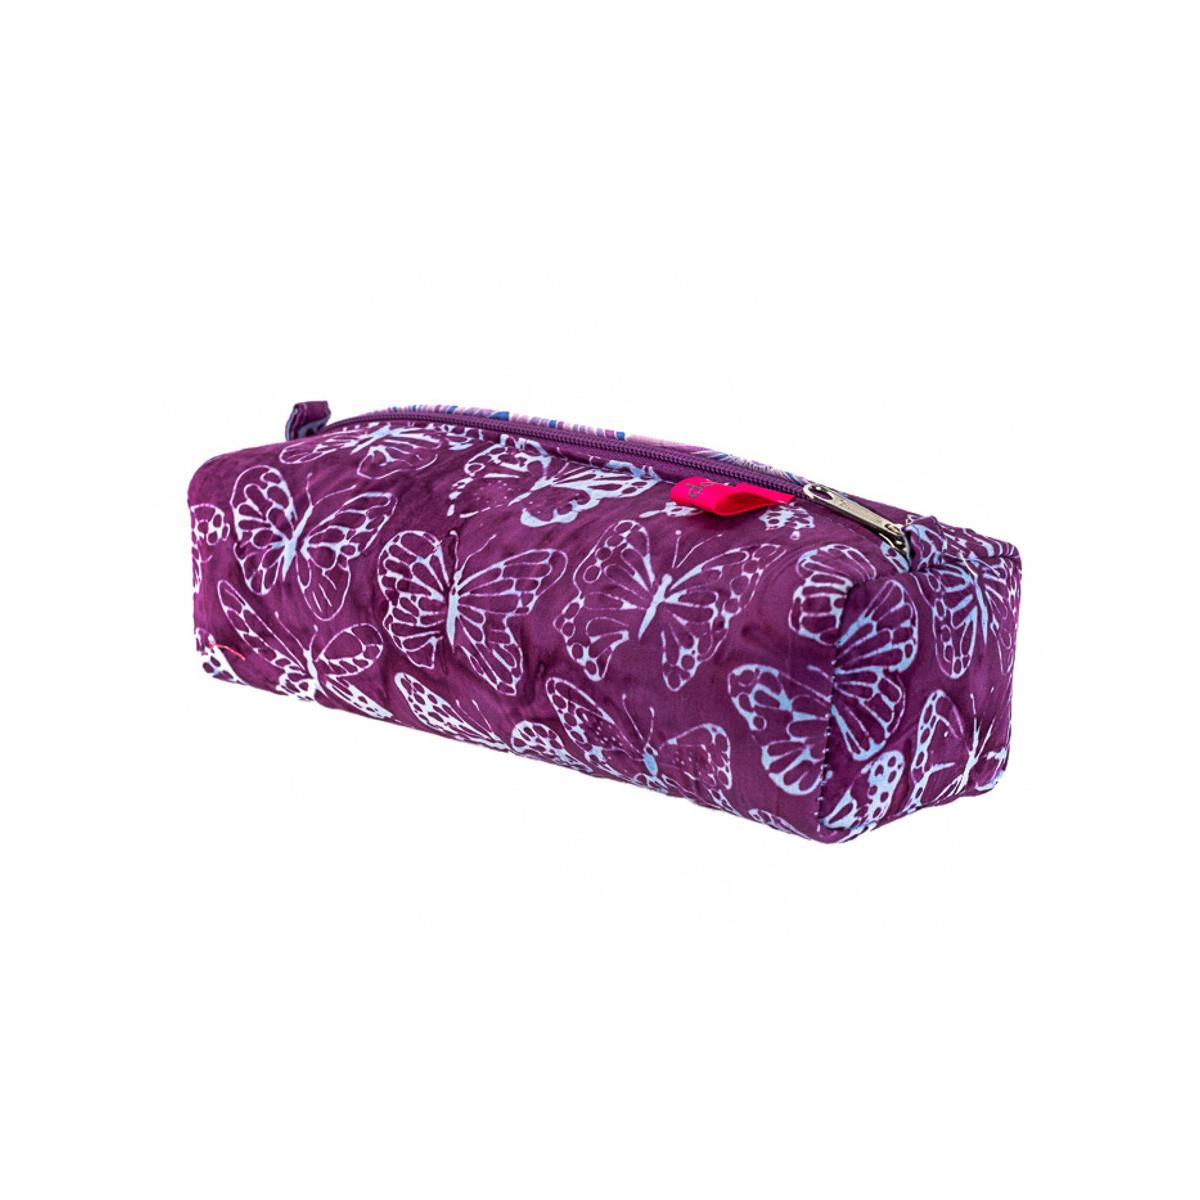 Trousse plumier coton original violet et papillons